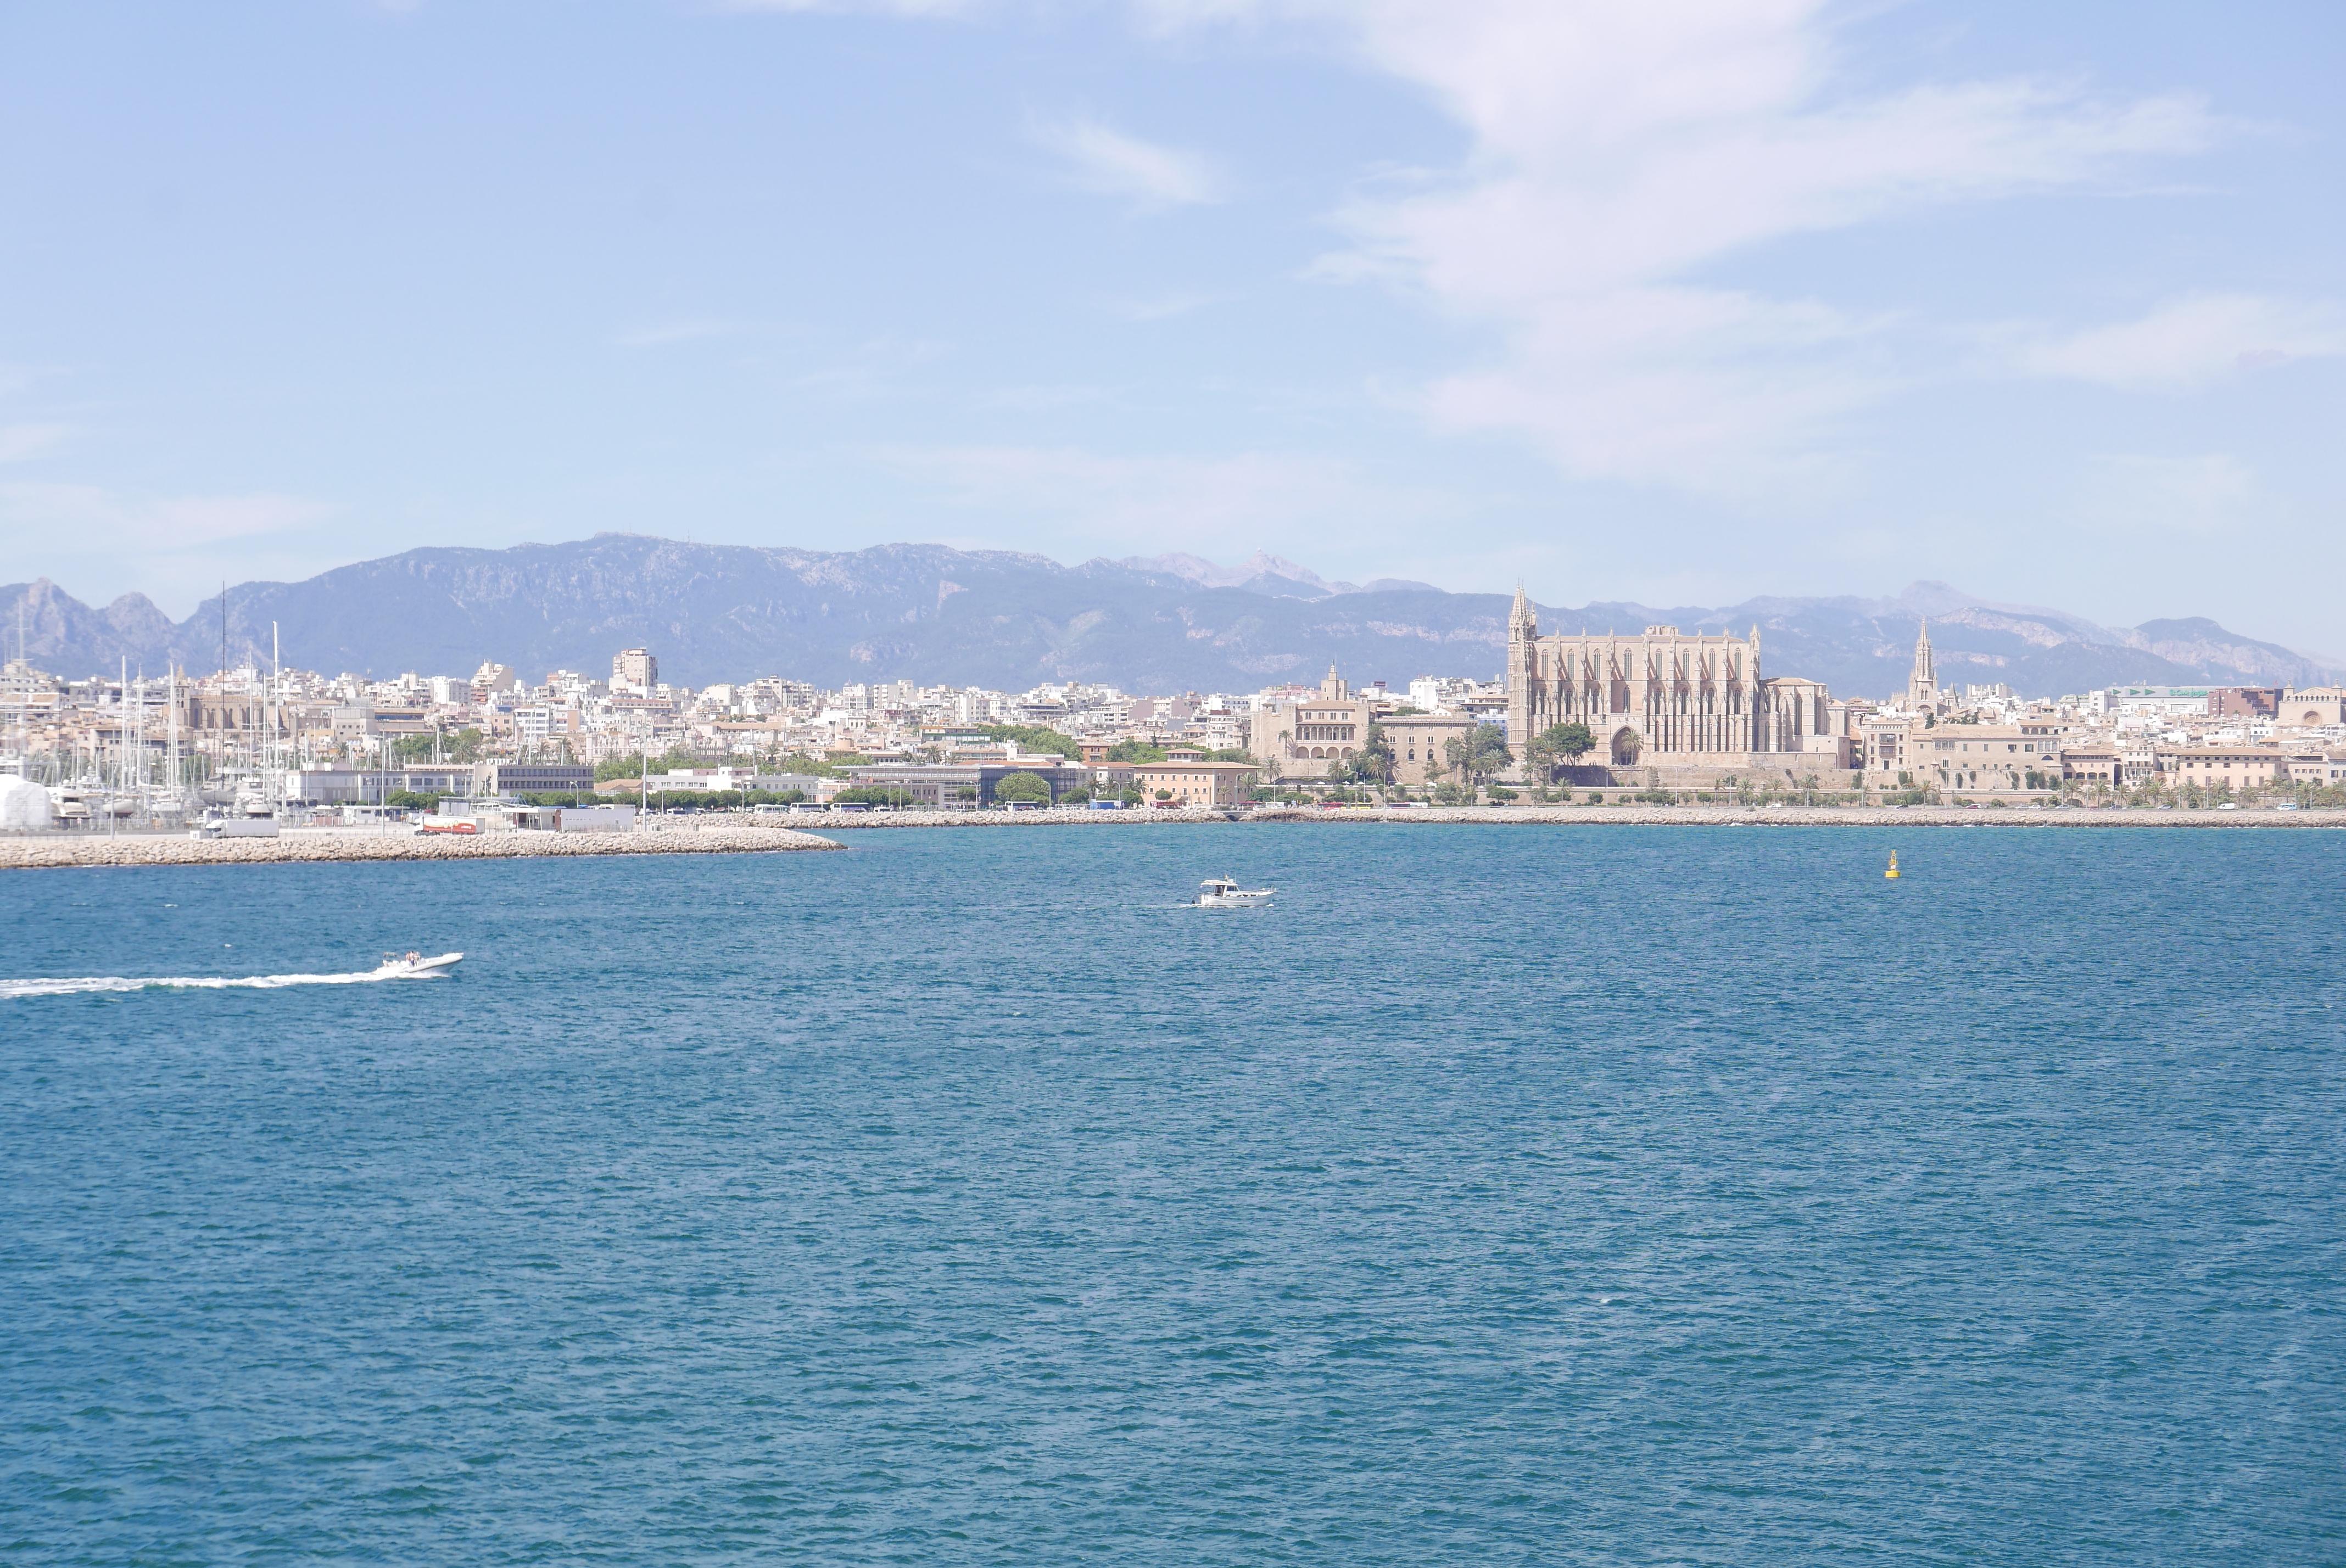 Hei Palma! Noe av det beste med å reise på cruise er følelsen av å våkne i en ny by hver dag. Foto: Len Kongerud